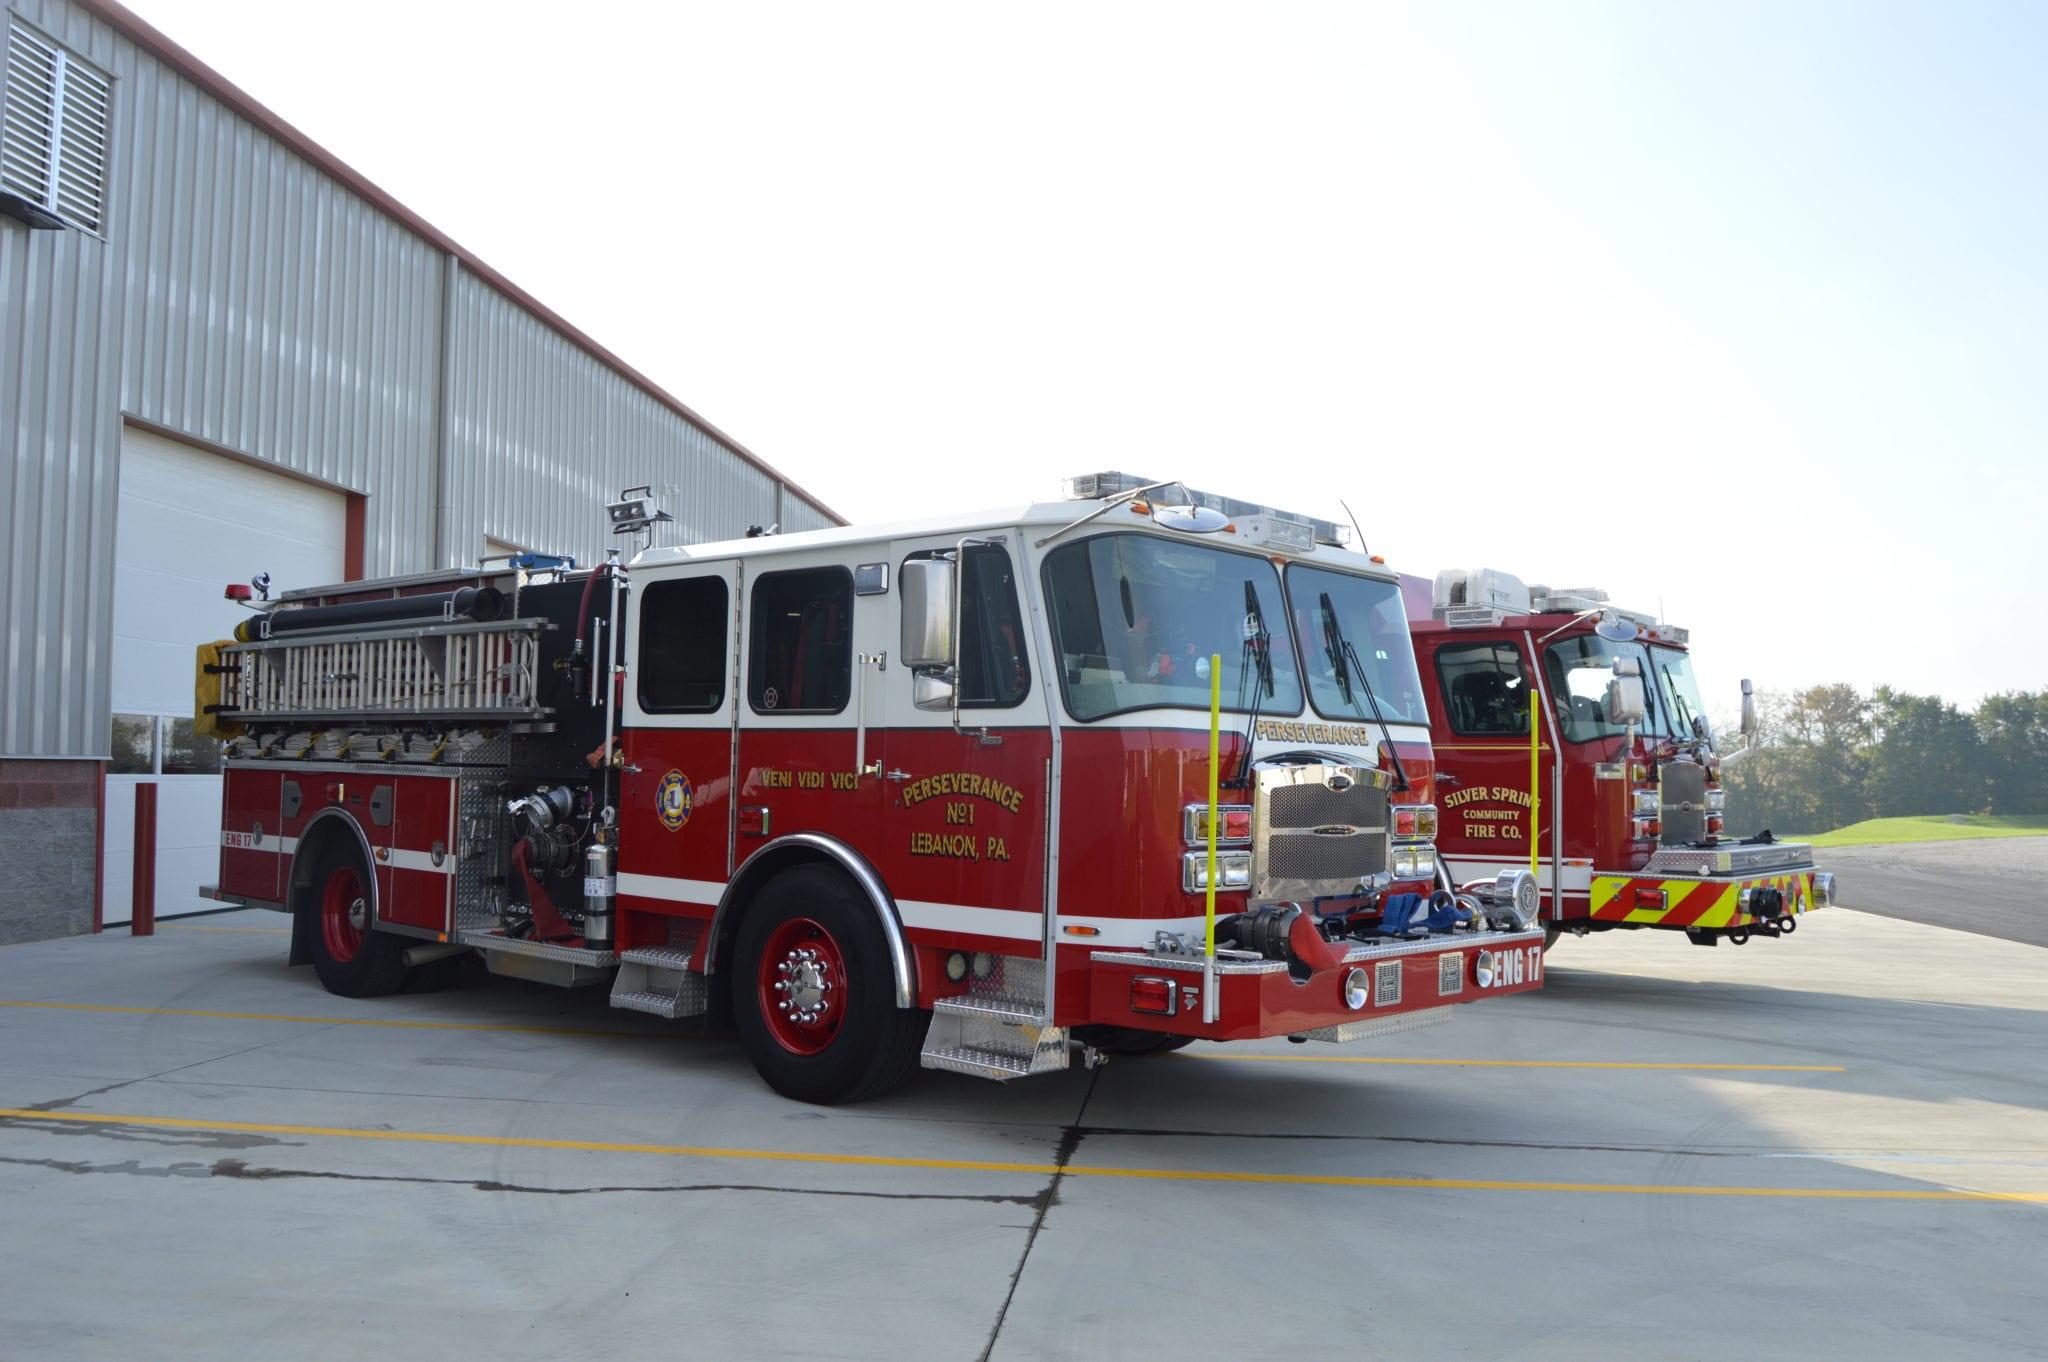 Fire Truck Service